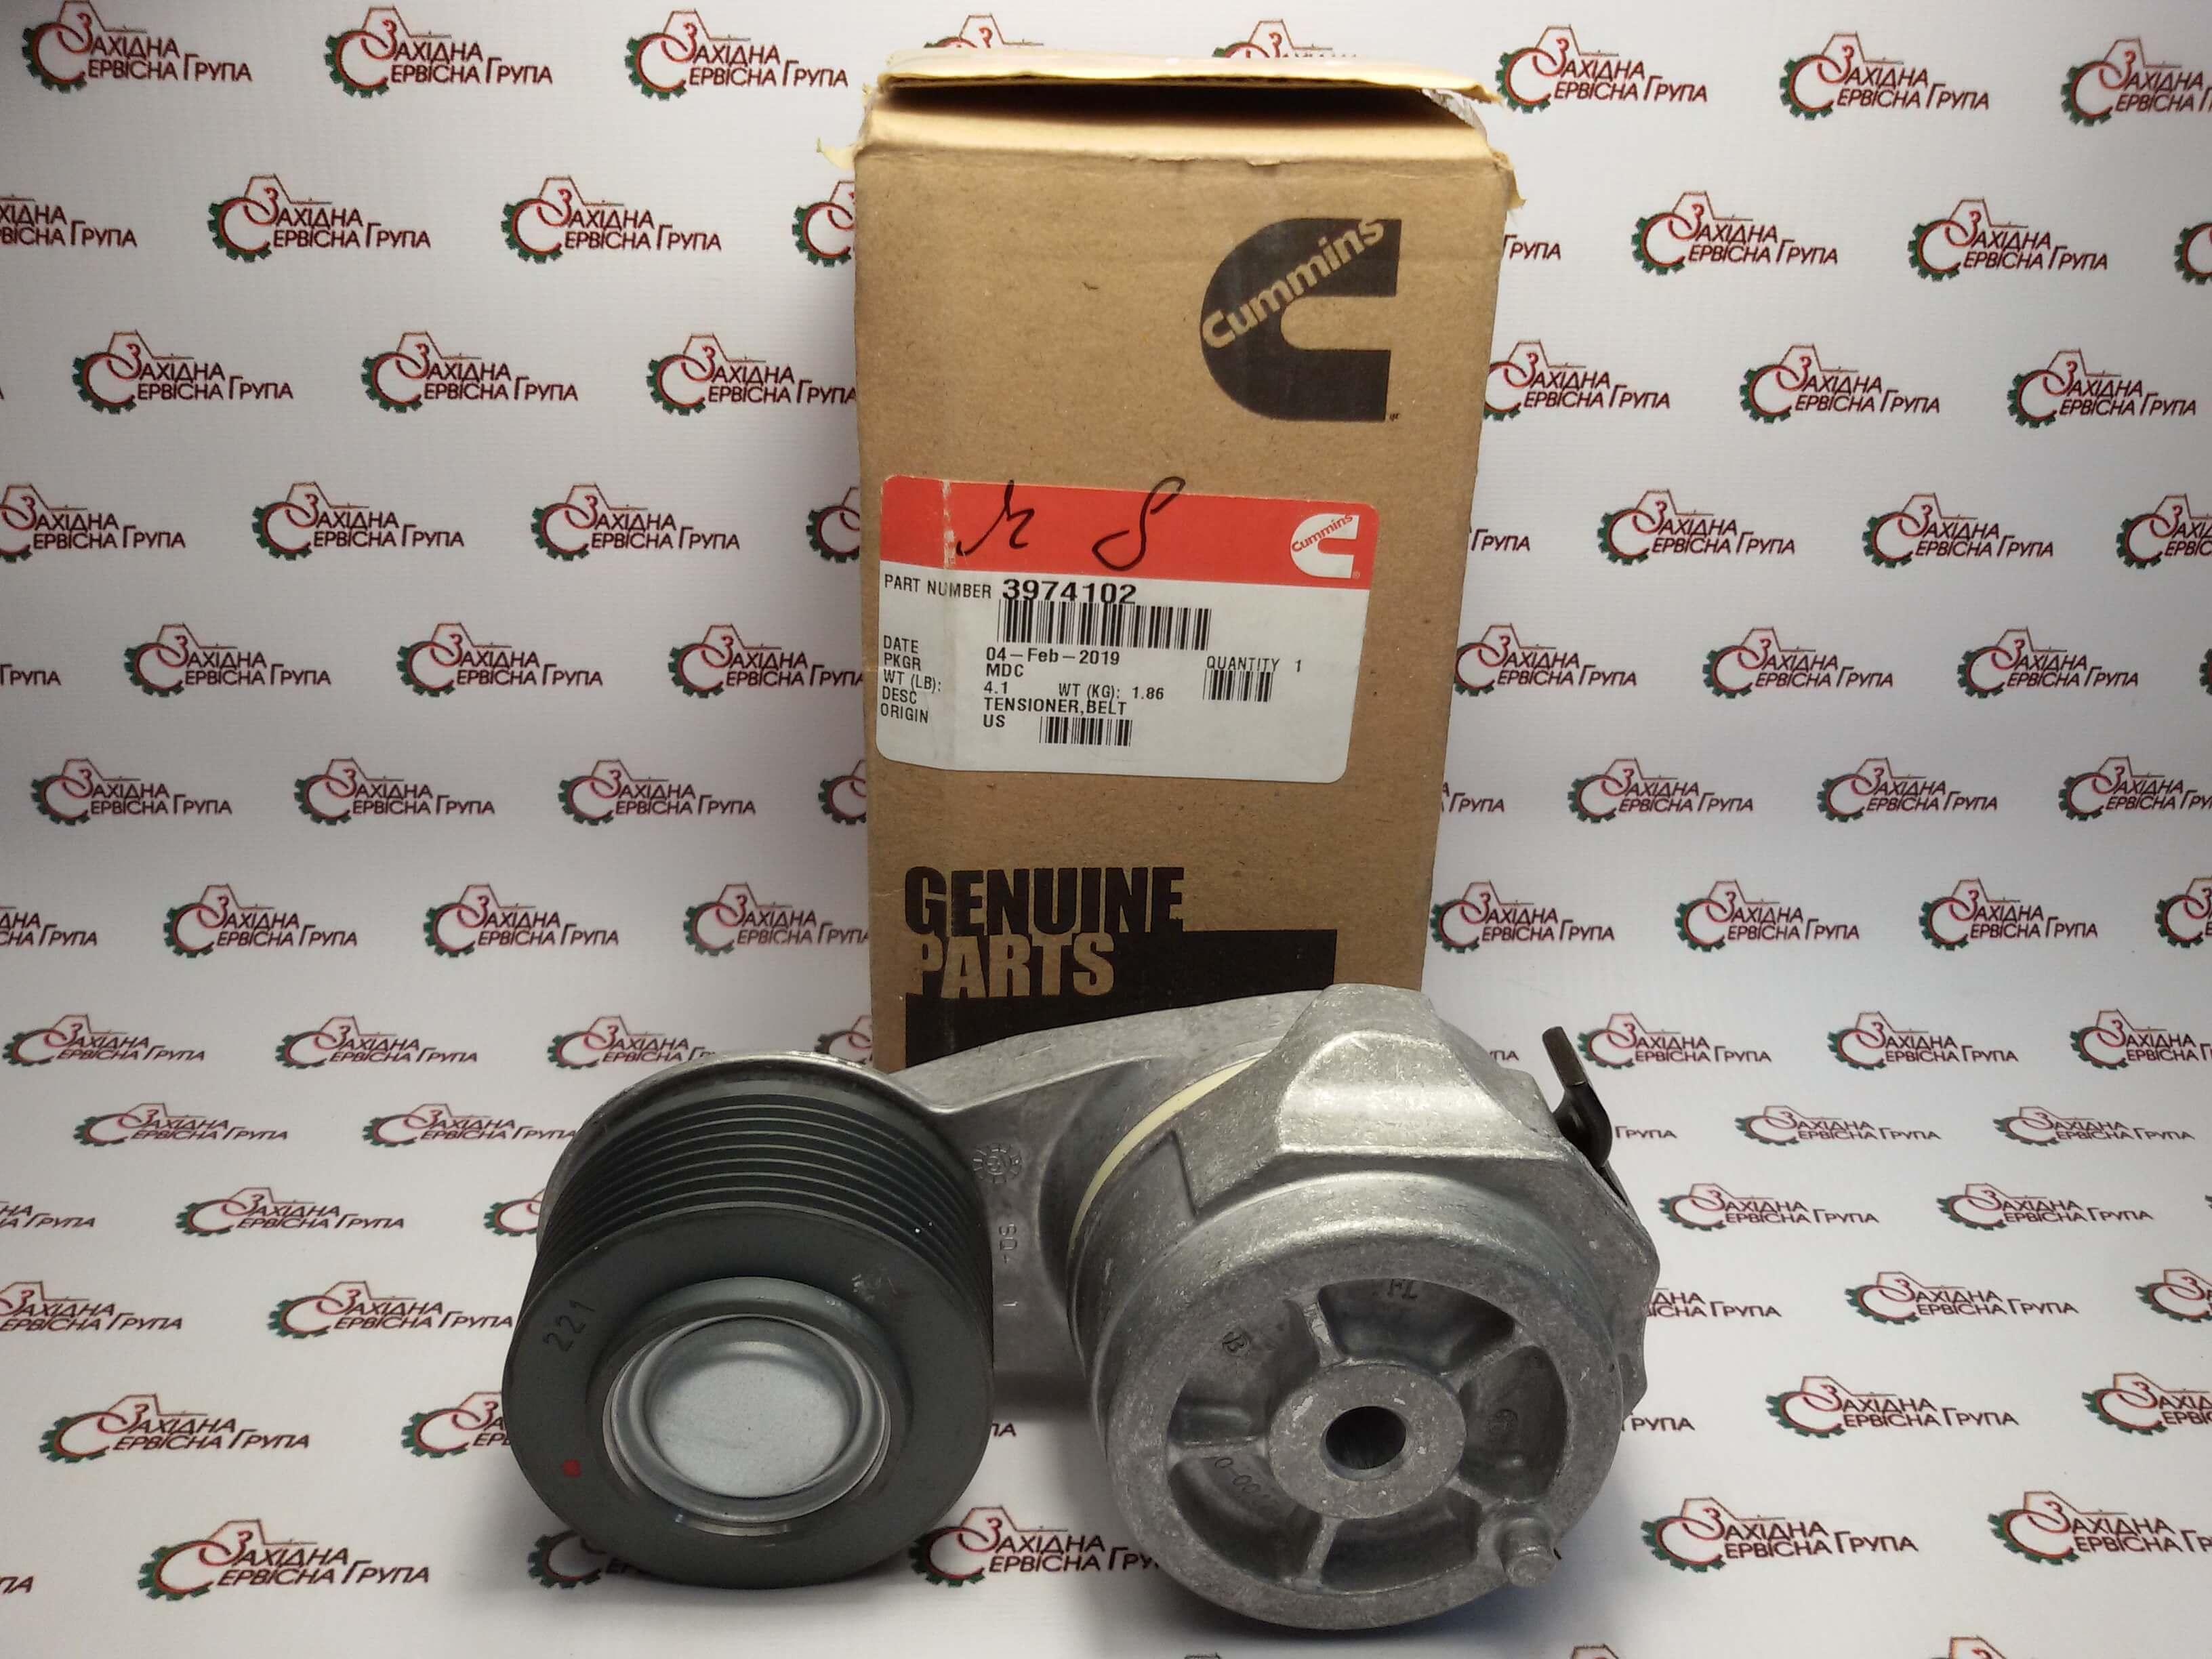 Натяжник ременя генератора Cummins QSL9, 3974102.